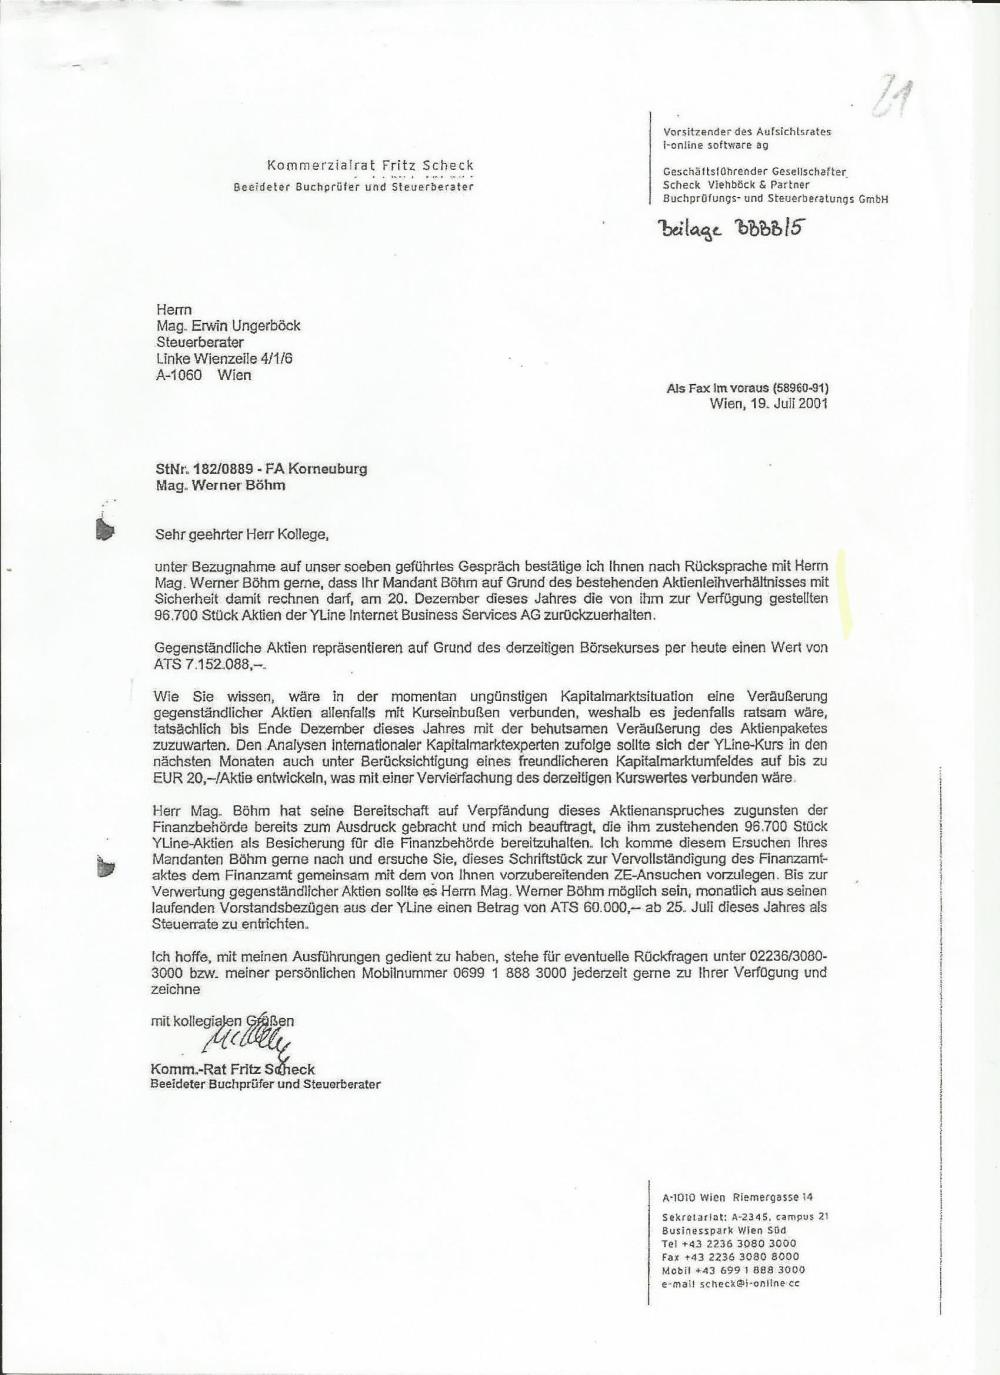 Schreiben von Fritz Scheck an meinen Steuerberater zur Vorlage beim Finanzamt